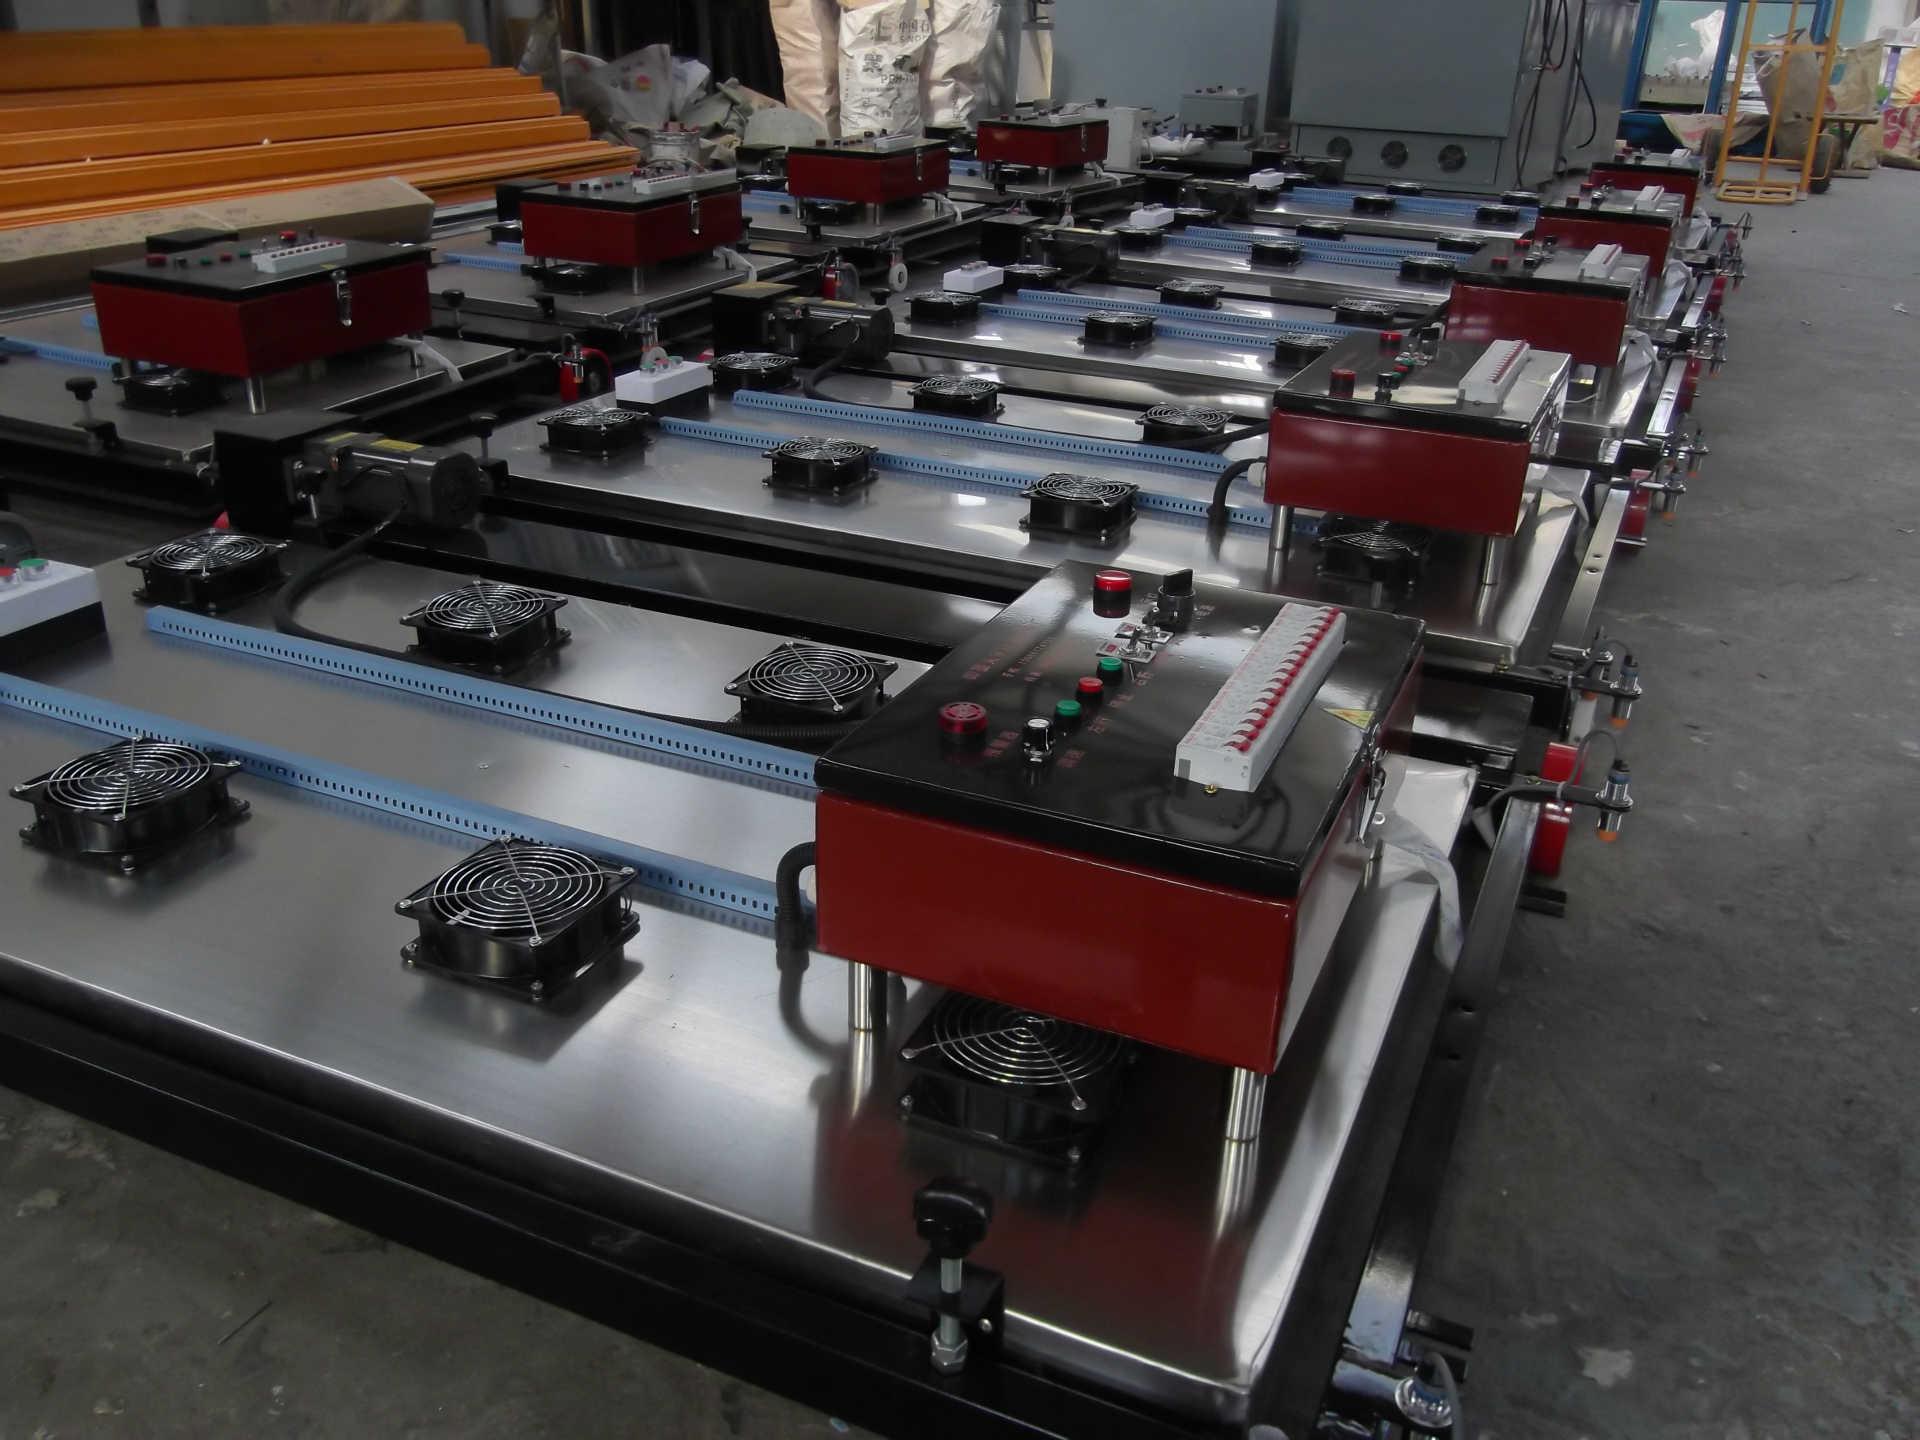 烘干固化设备_隧道烘干机烘干机烘干炉隧道烘干炉网带烘干机红外线烘干机